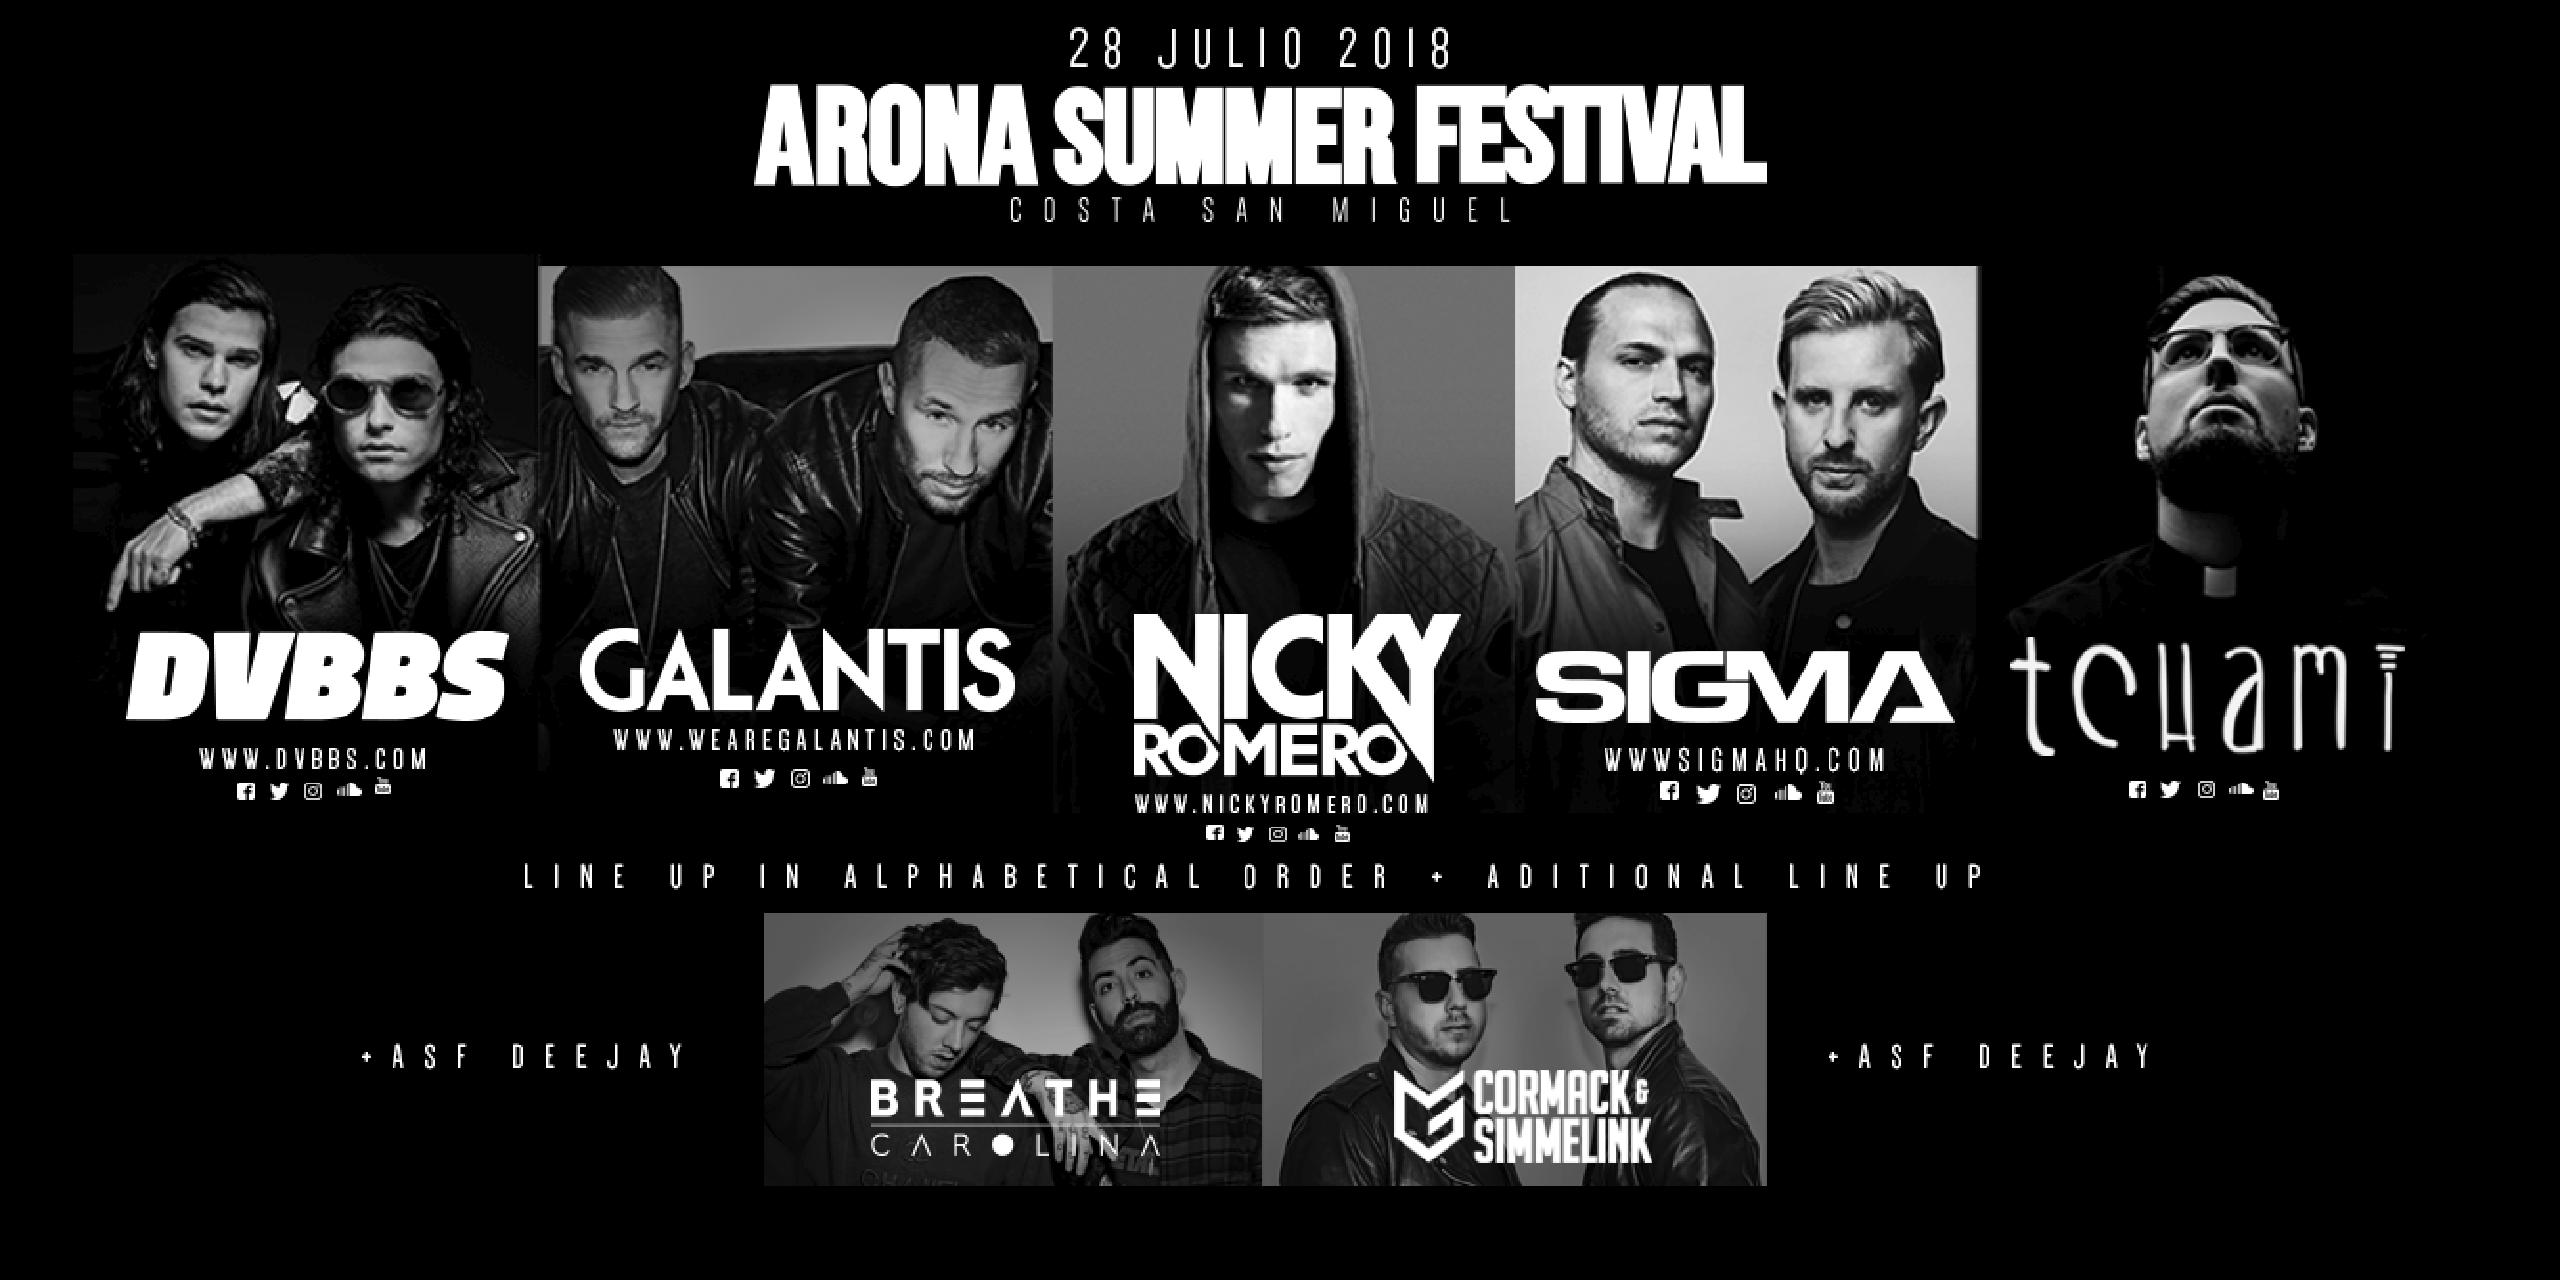 Foto del cartel de Arona Summer Festival 2018